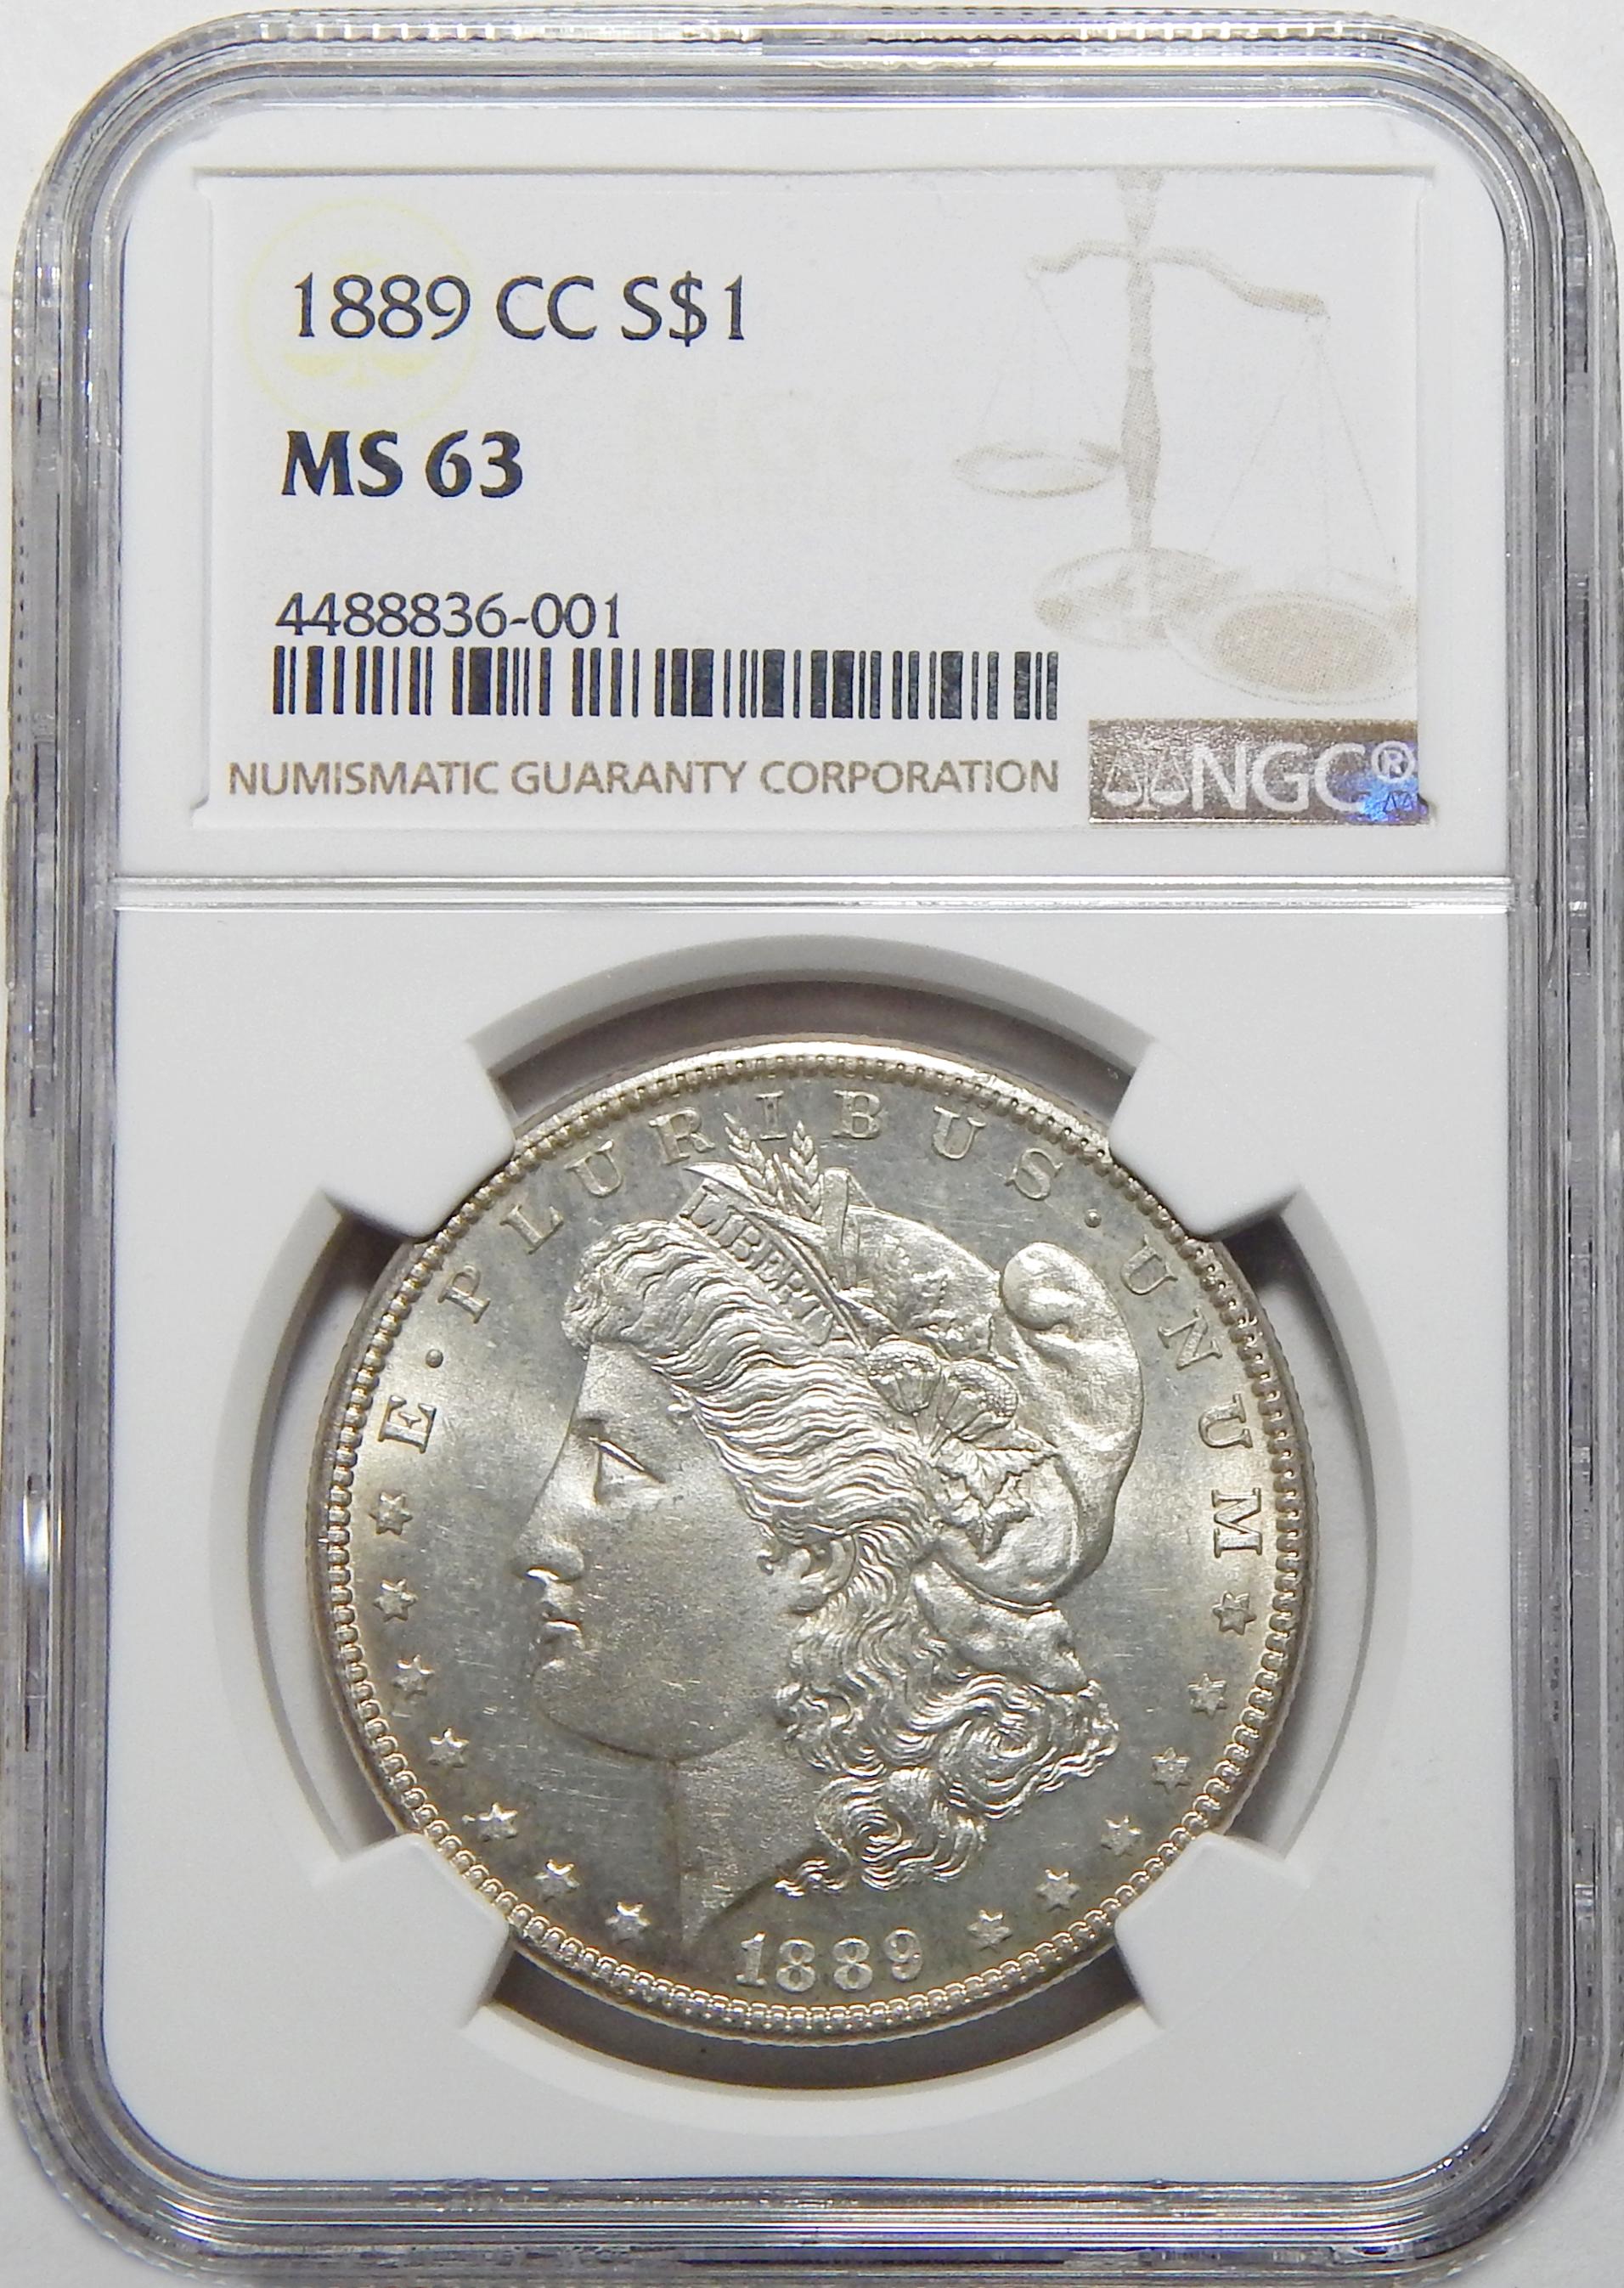 1889 Cc Ngc Ms63 Morgan Dollar